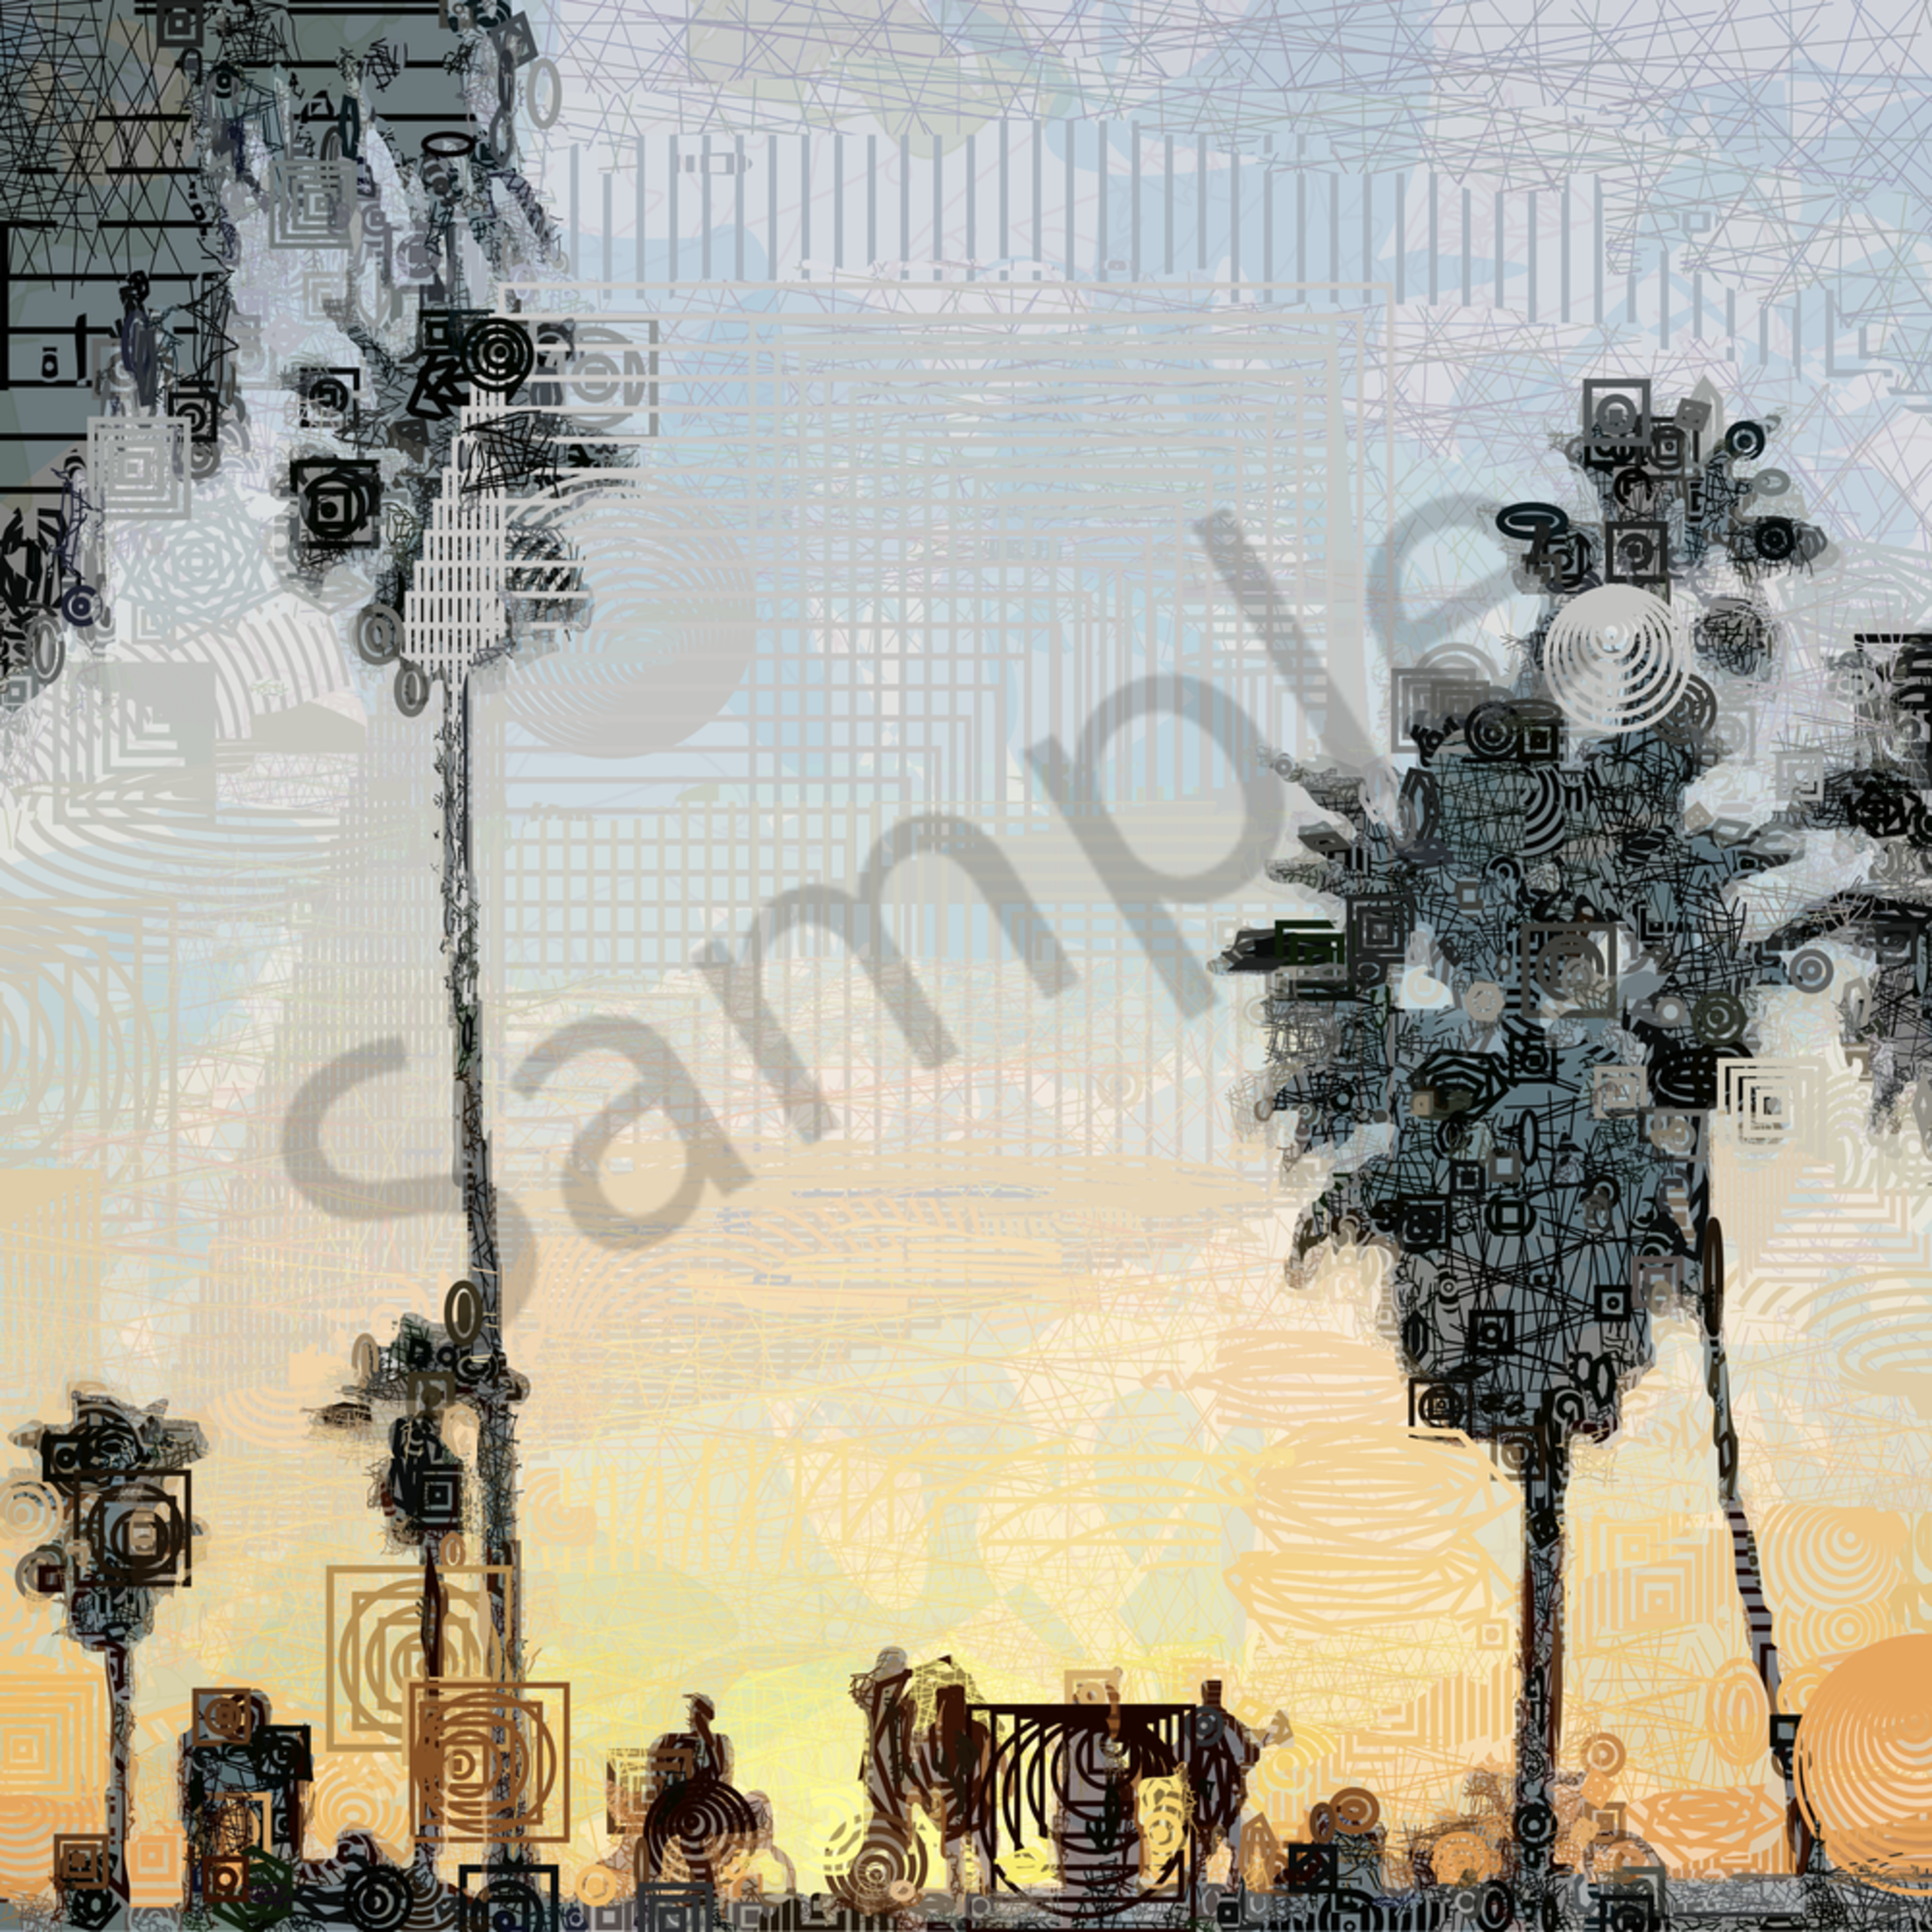 Venice beach 71228 115012 1 eimtqn